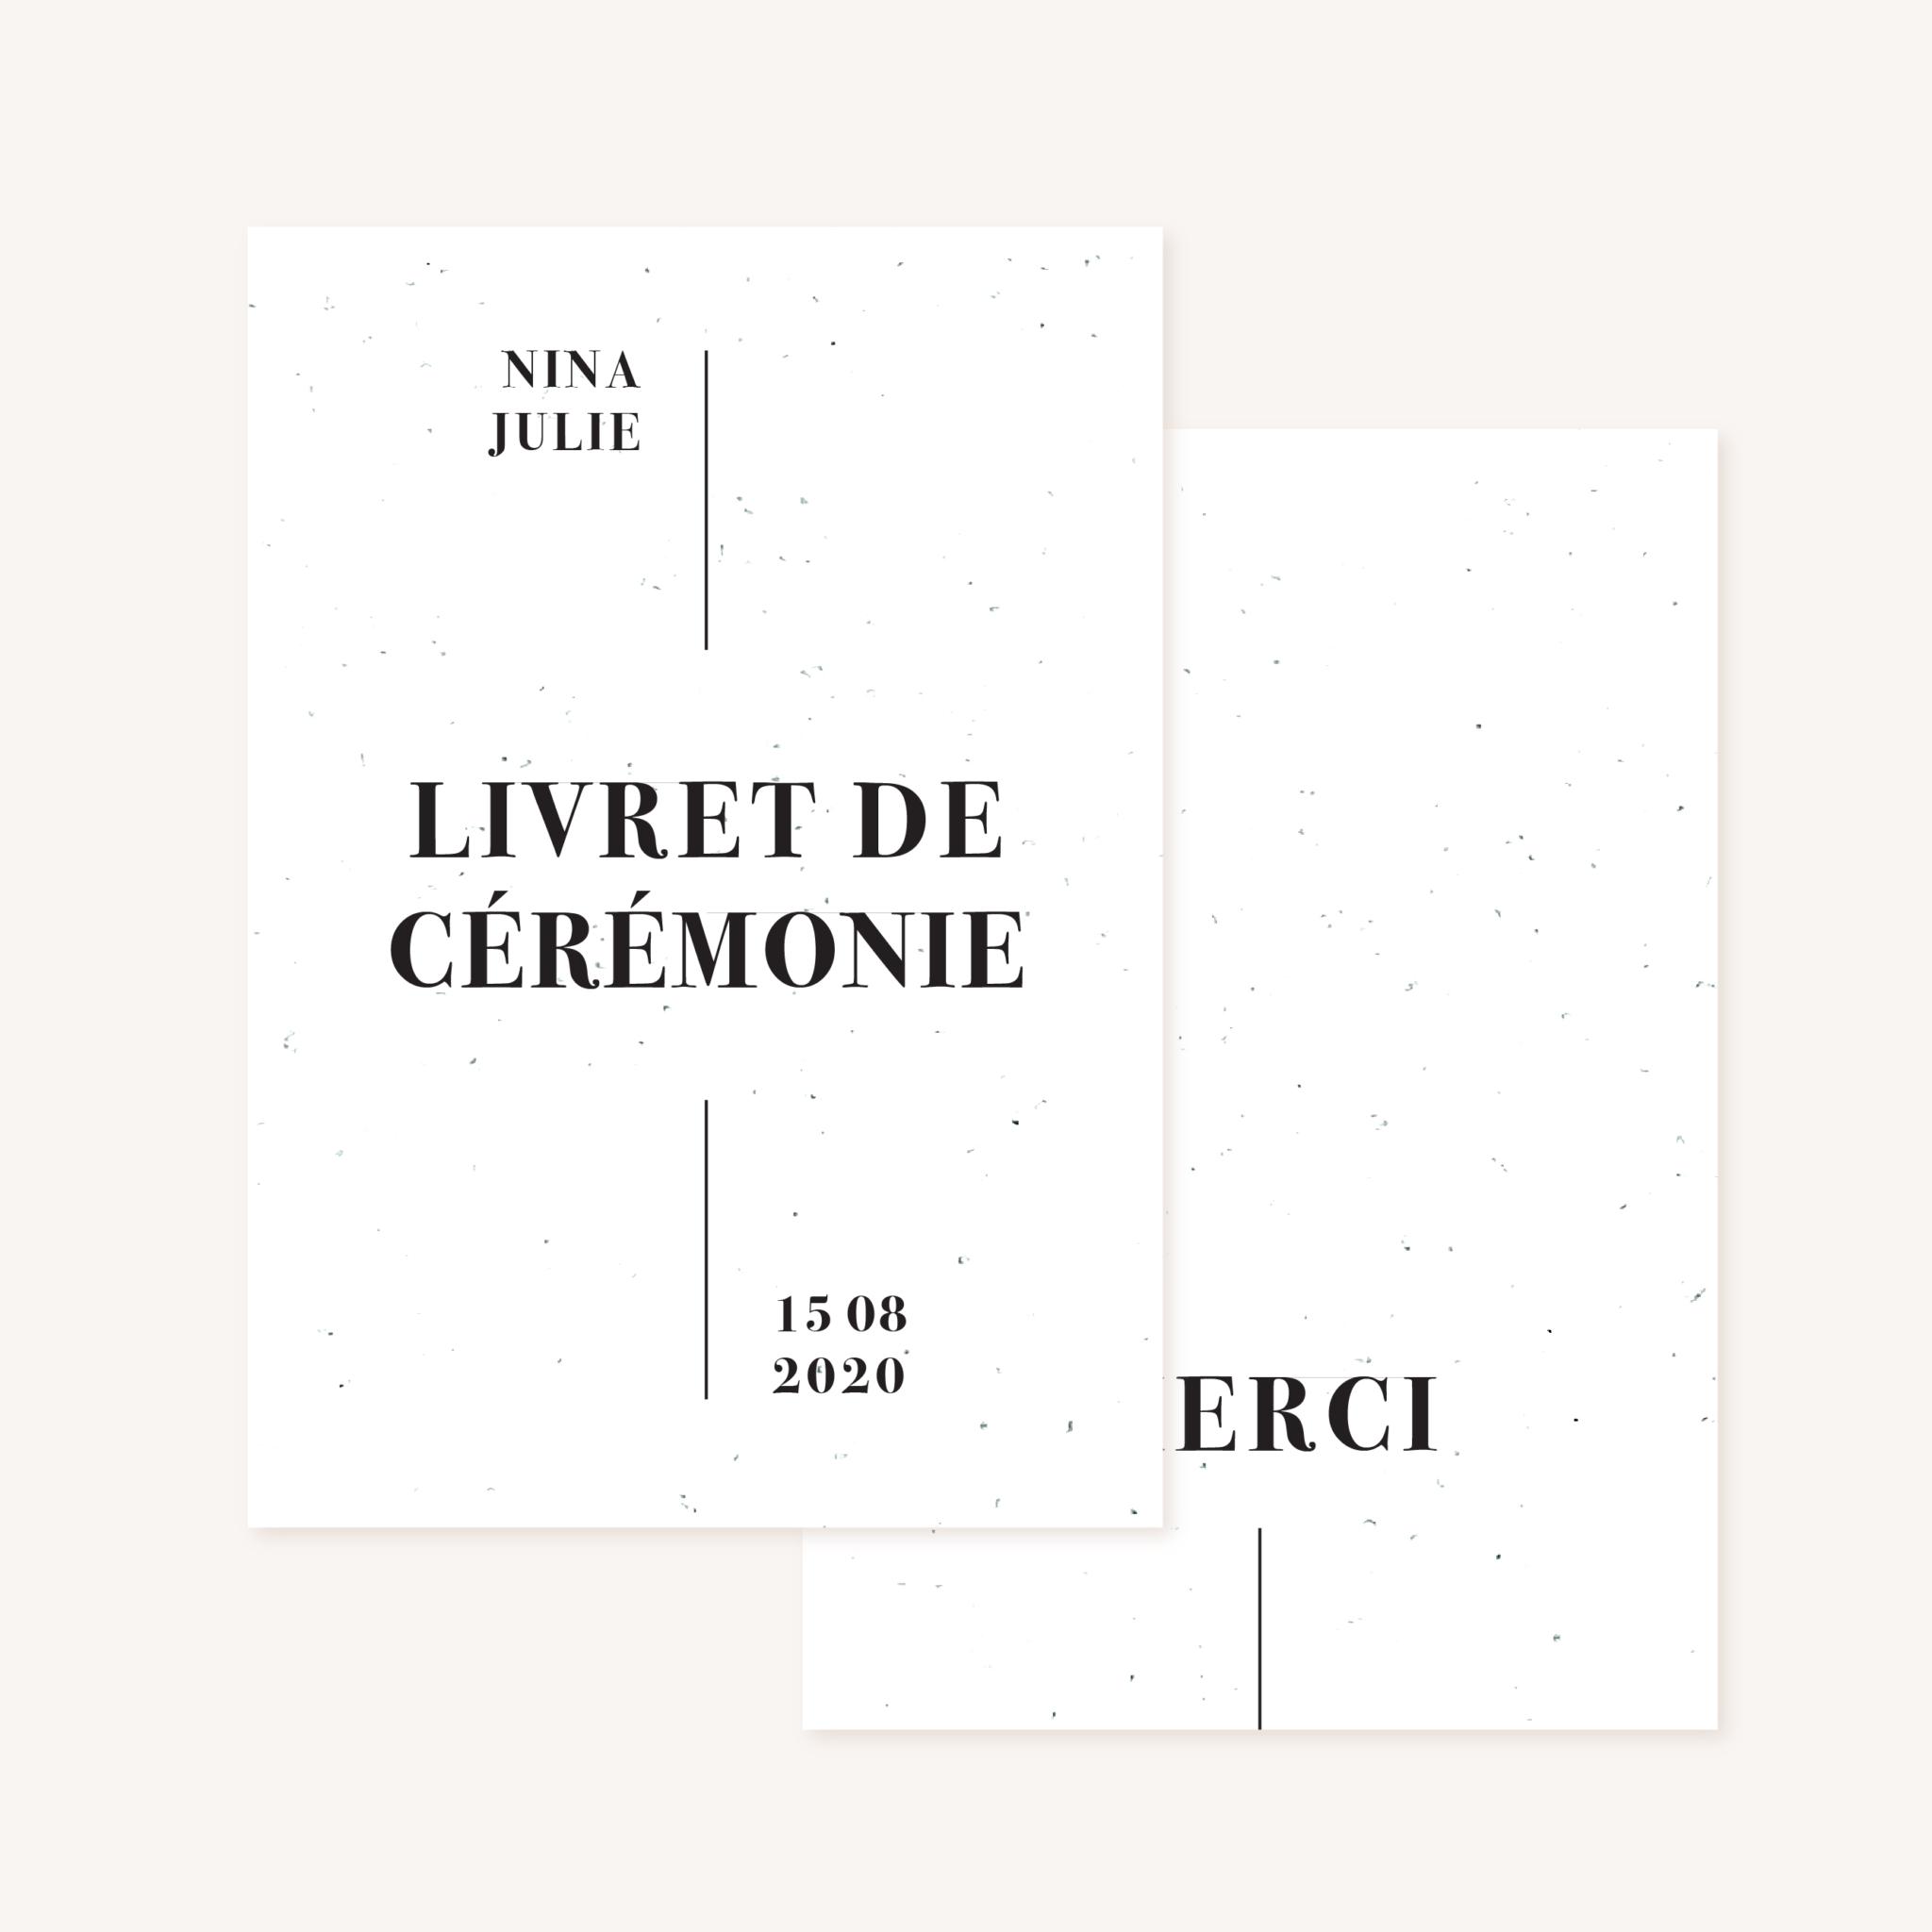 Livret de cérémonie mariage faire-part papeterie épuré noir blanc neutre unisexe élégant